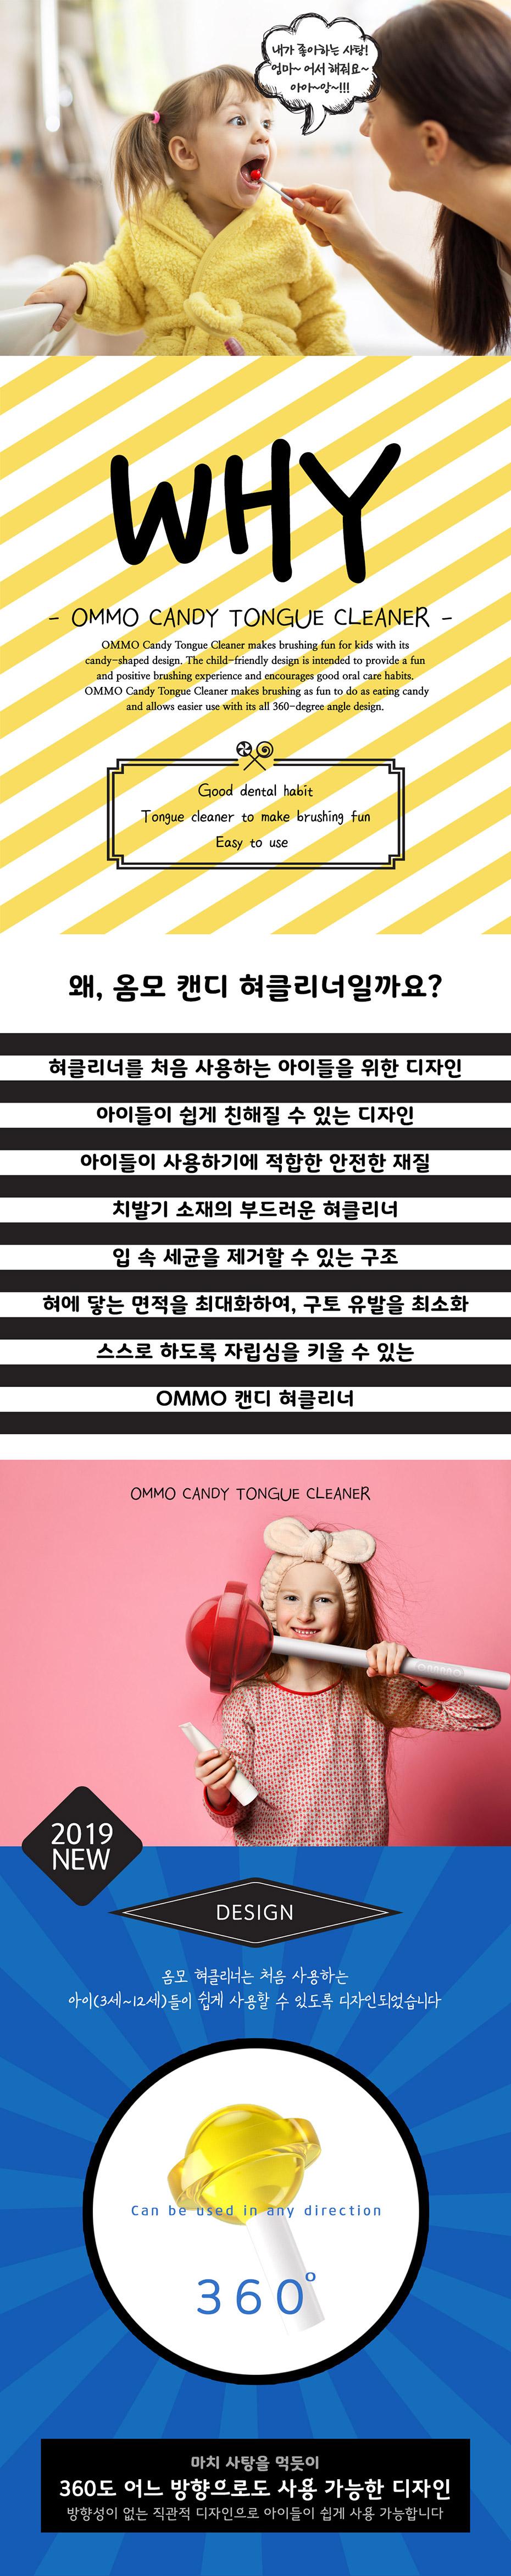 OMMO_CandyTongueCleaner_930_03.jpg